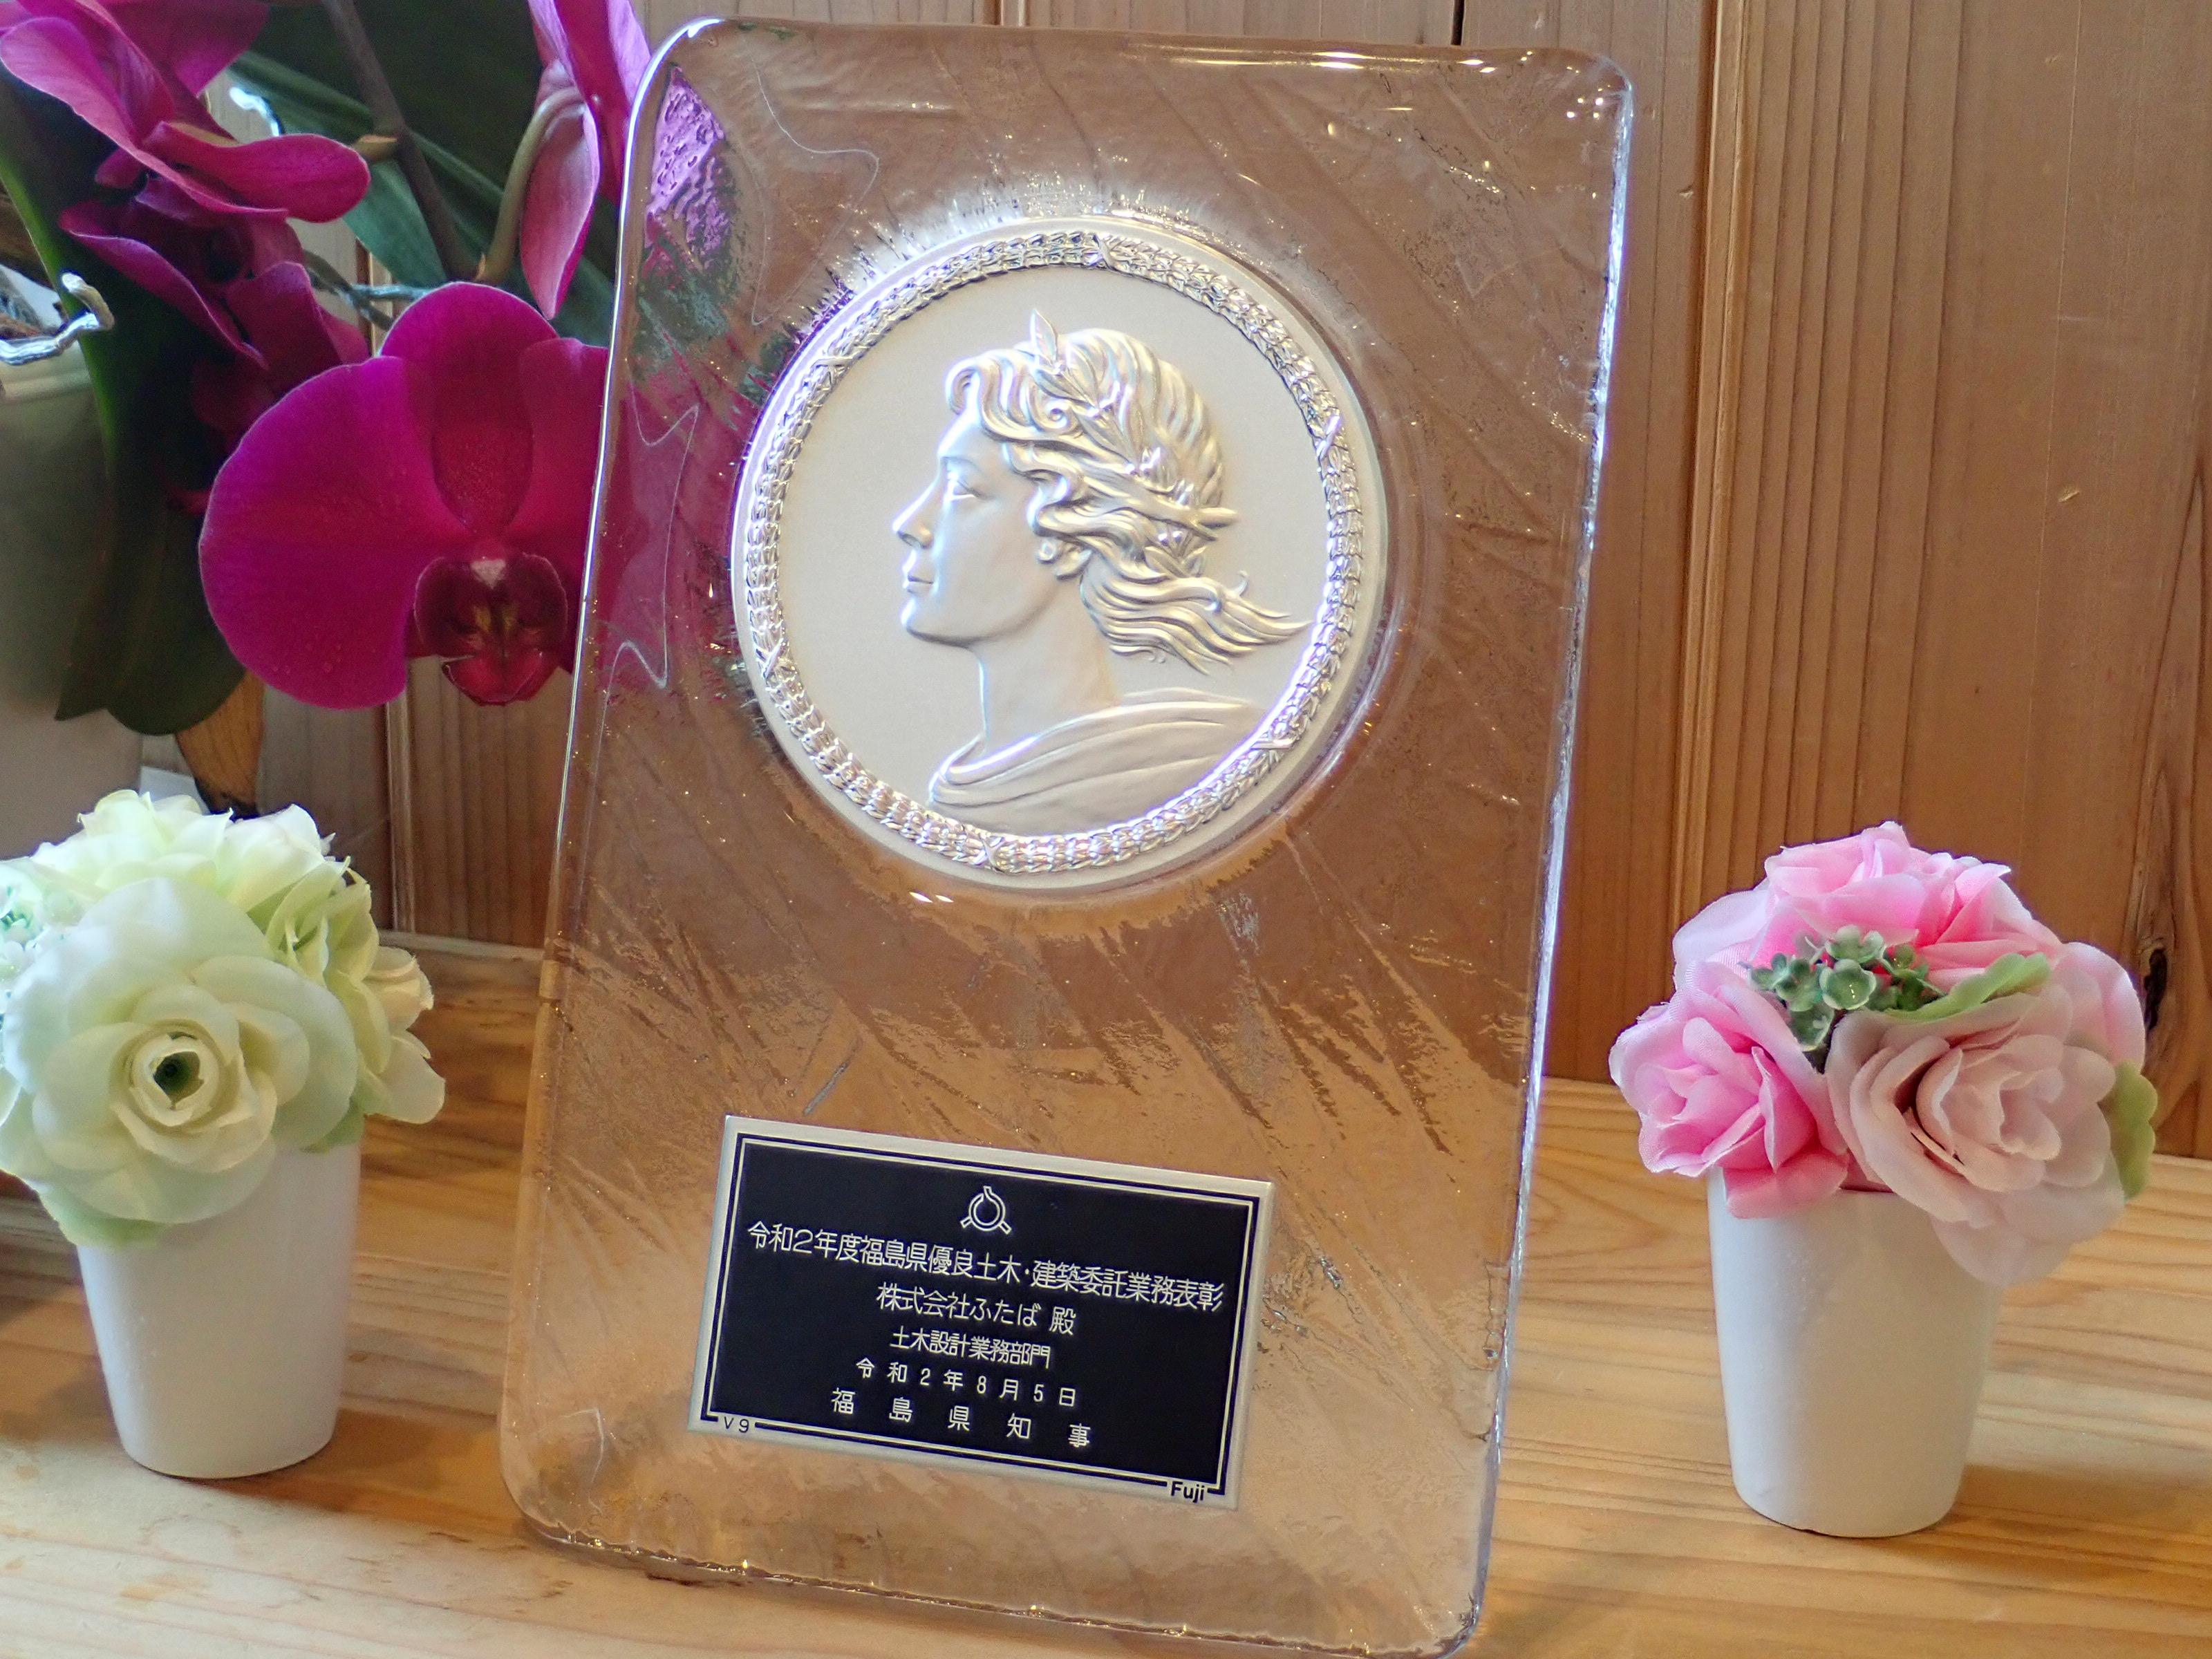 今年度の『福島県優良土木・建築委託業務表彰式』で受賞いたしました。の画像